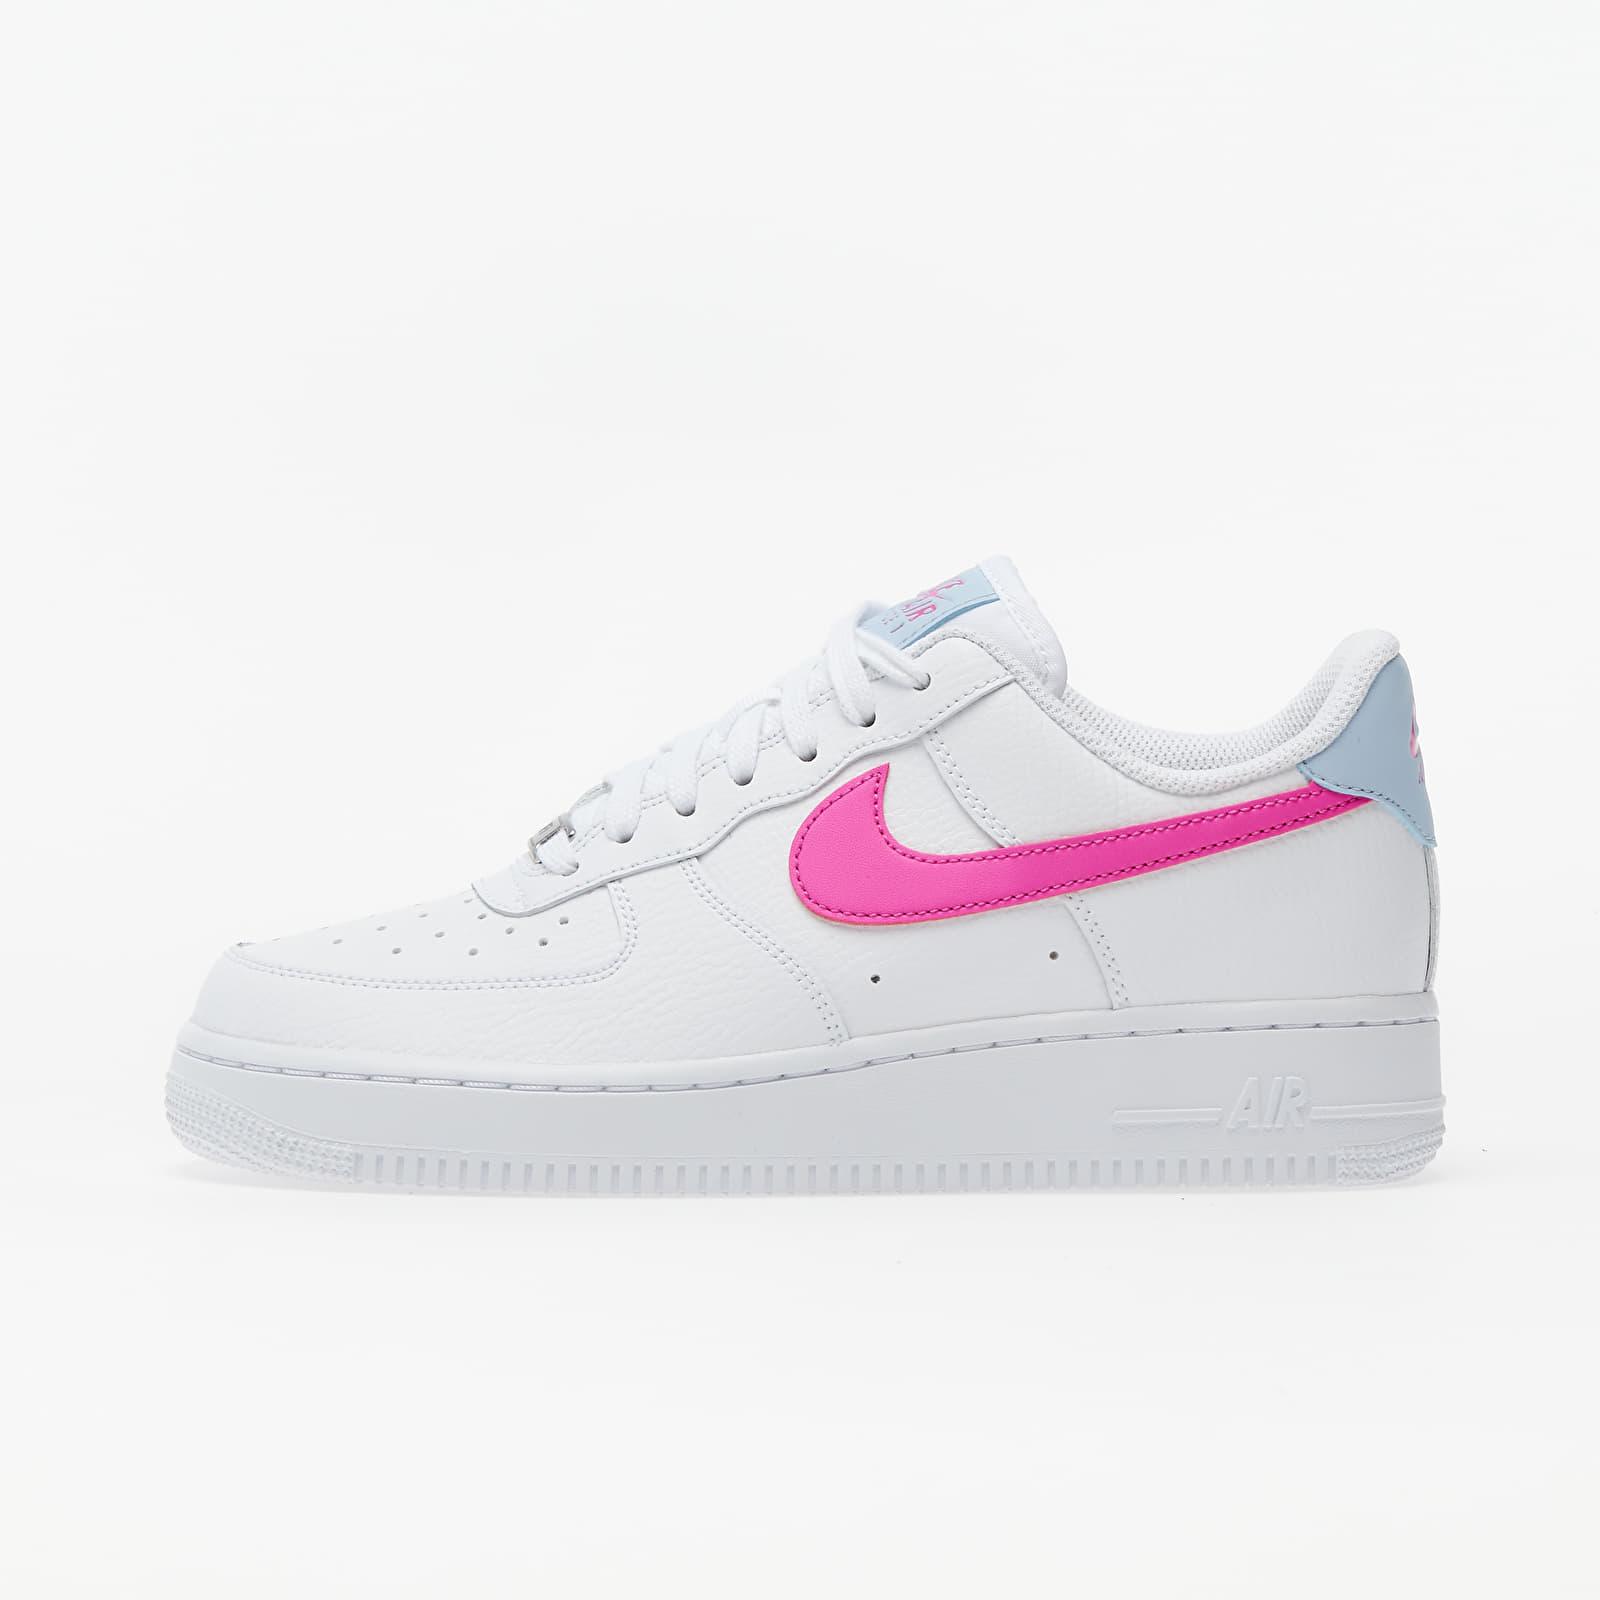 Încălțăminte și sneakerși pentru femei Nike Wmns Air Force 1 '07 White/ Fire Pink-Hydrogen Blue